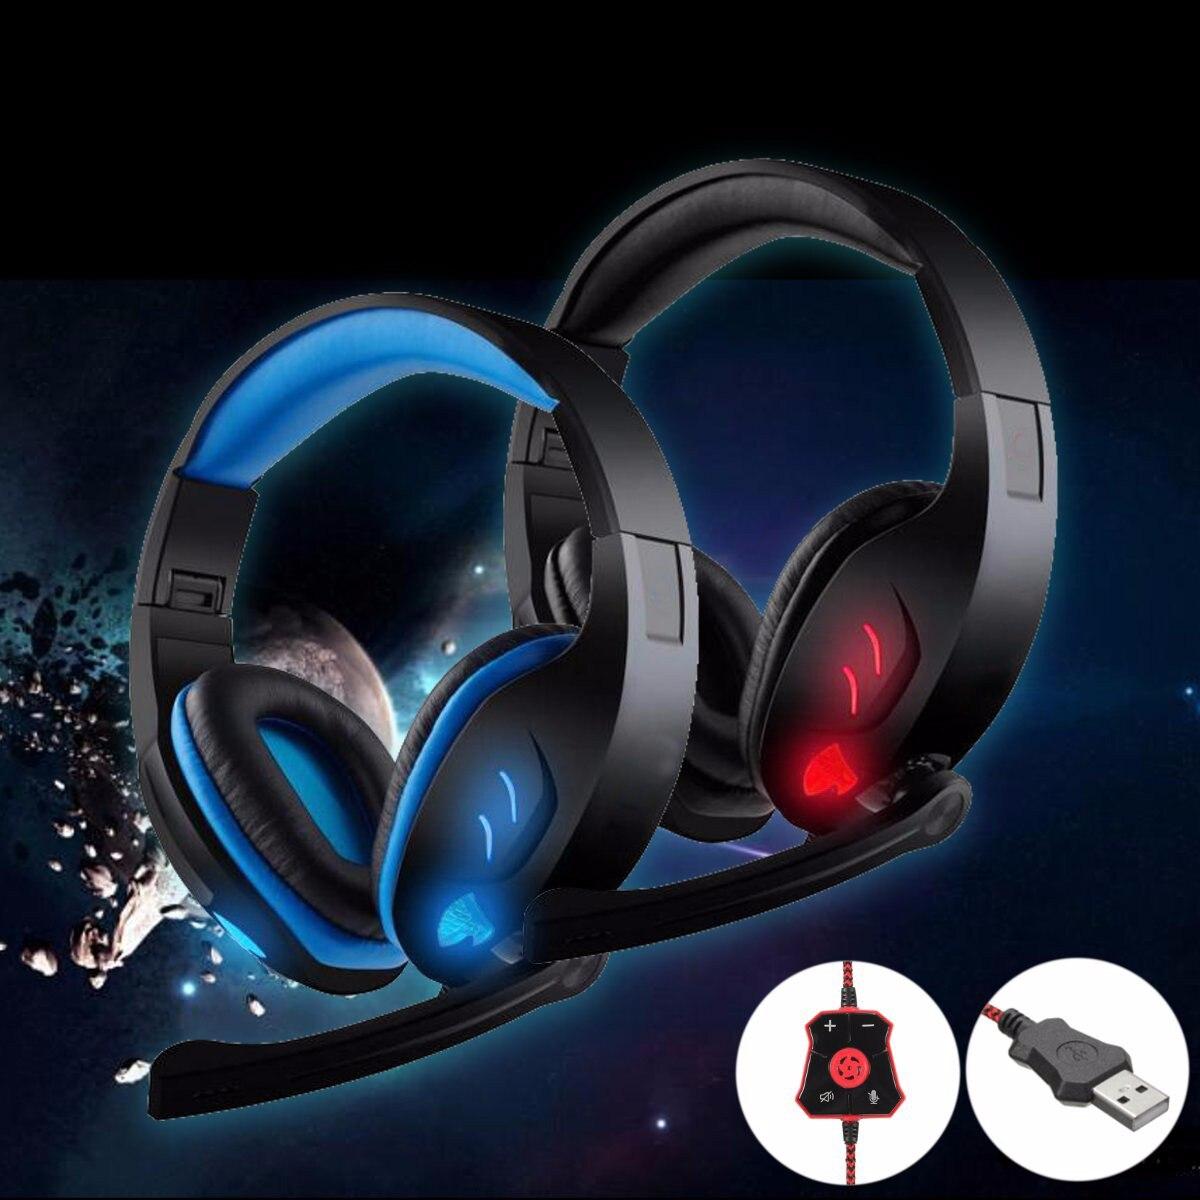 bilder für Neue Ankunft LED USB Gaming Headset 7,1 Stereo Faltbare Stirnband Kopfhörer Mit Mic Für PC Kopfhörer